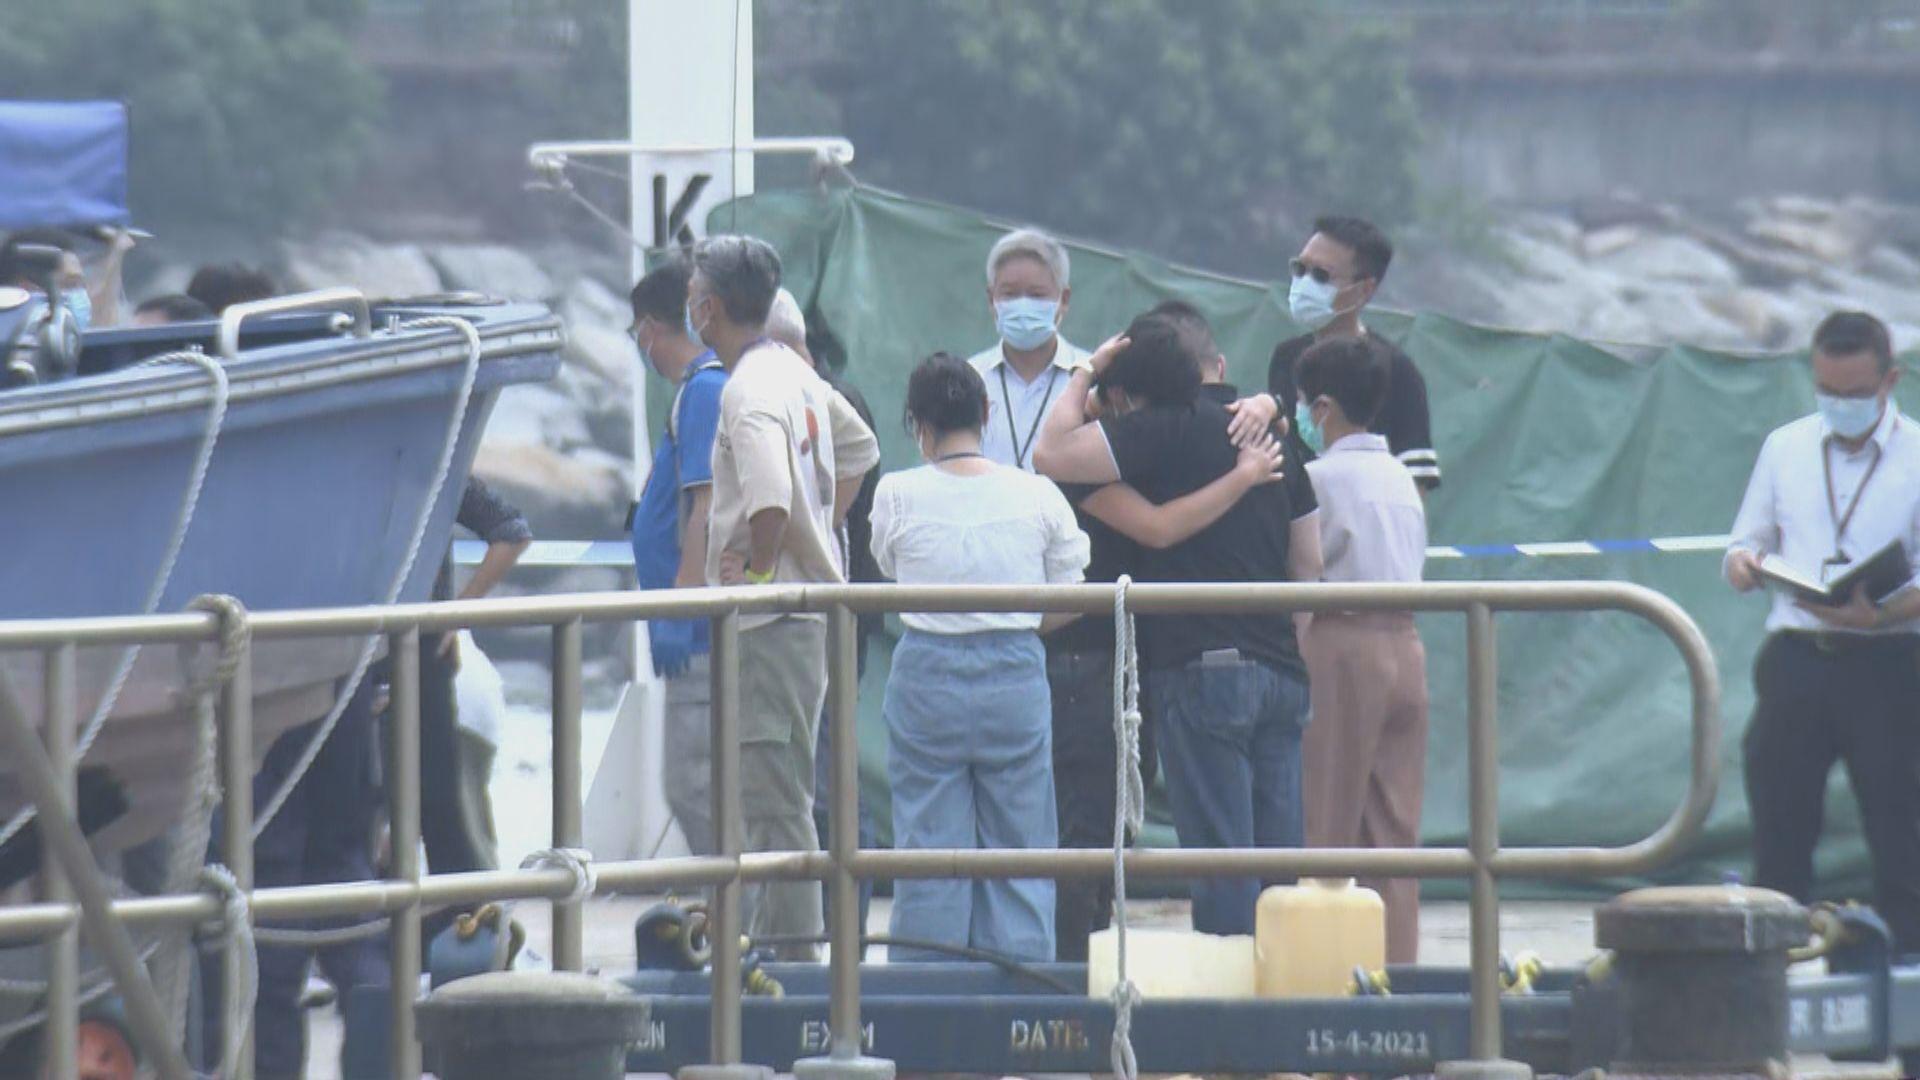 水警反走私快艇被撞翻沉女警殉職 警務處長譴責走私犯冷血